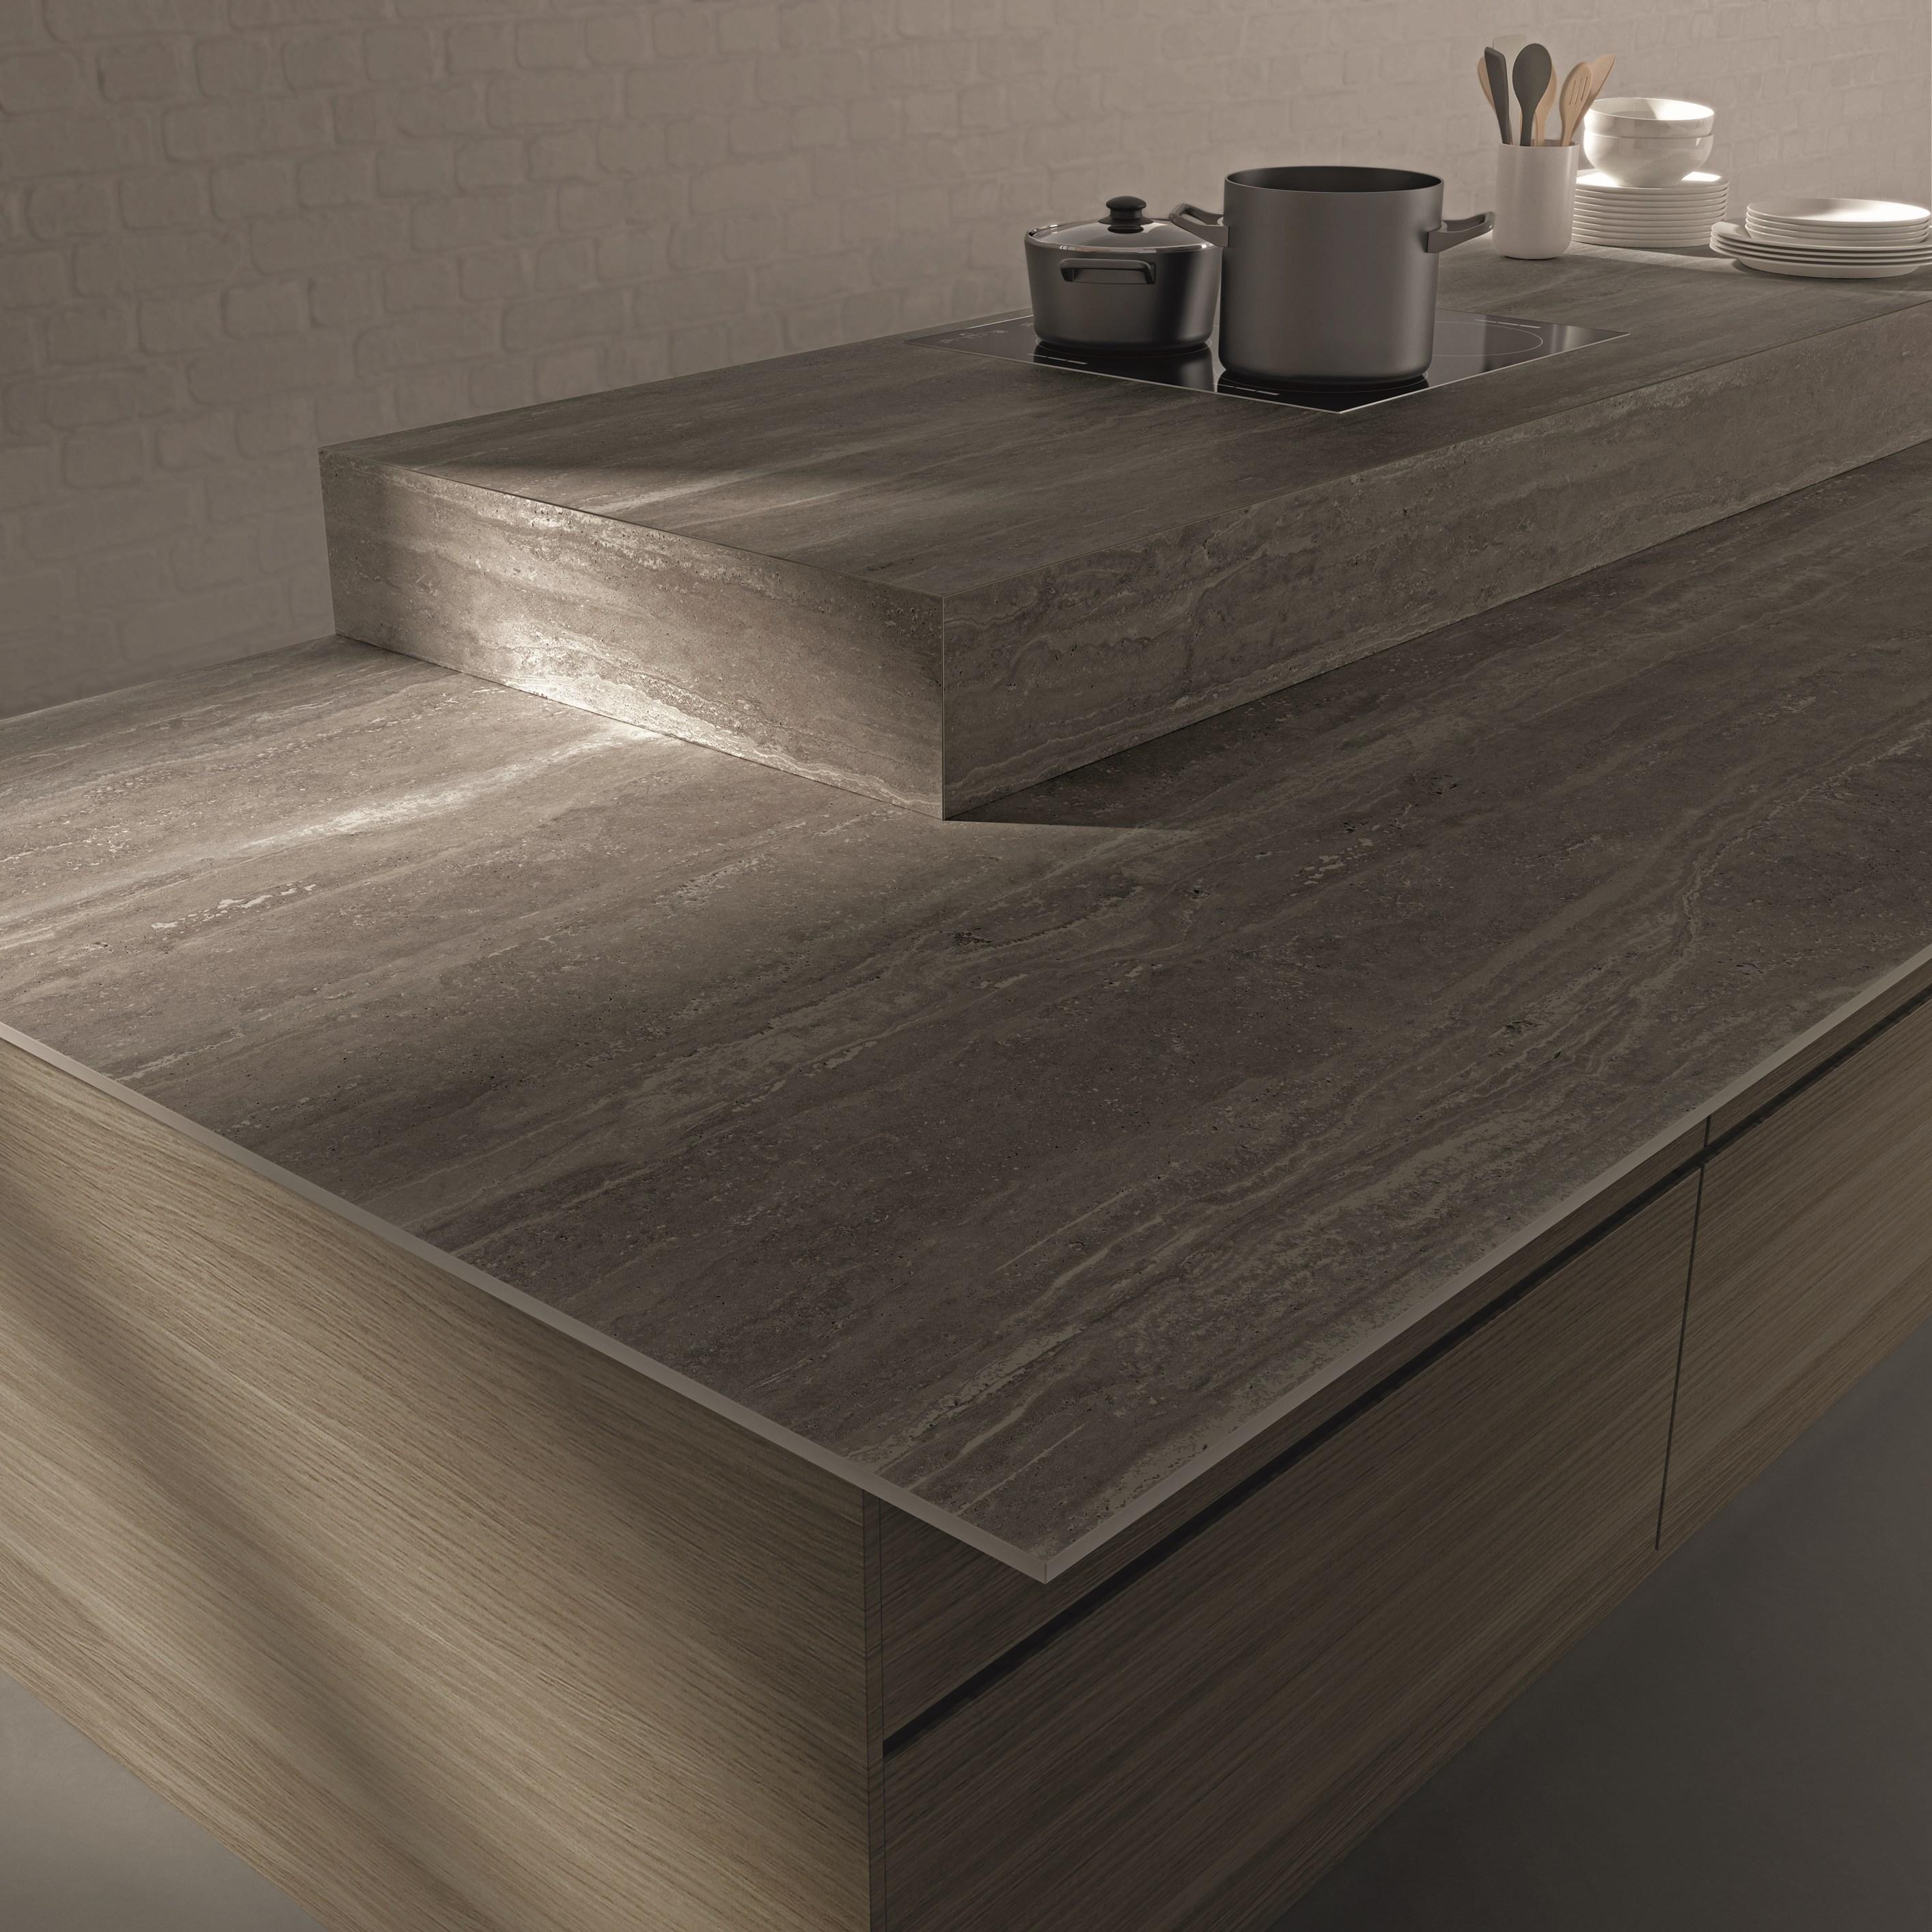 piano-cucina-gres-porcellanato-effetto-marmo | Arredare con stile